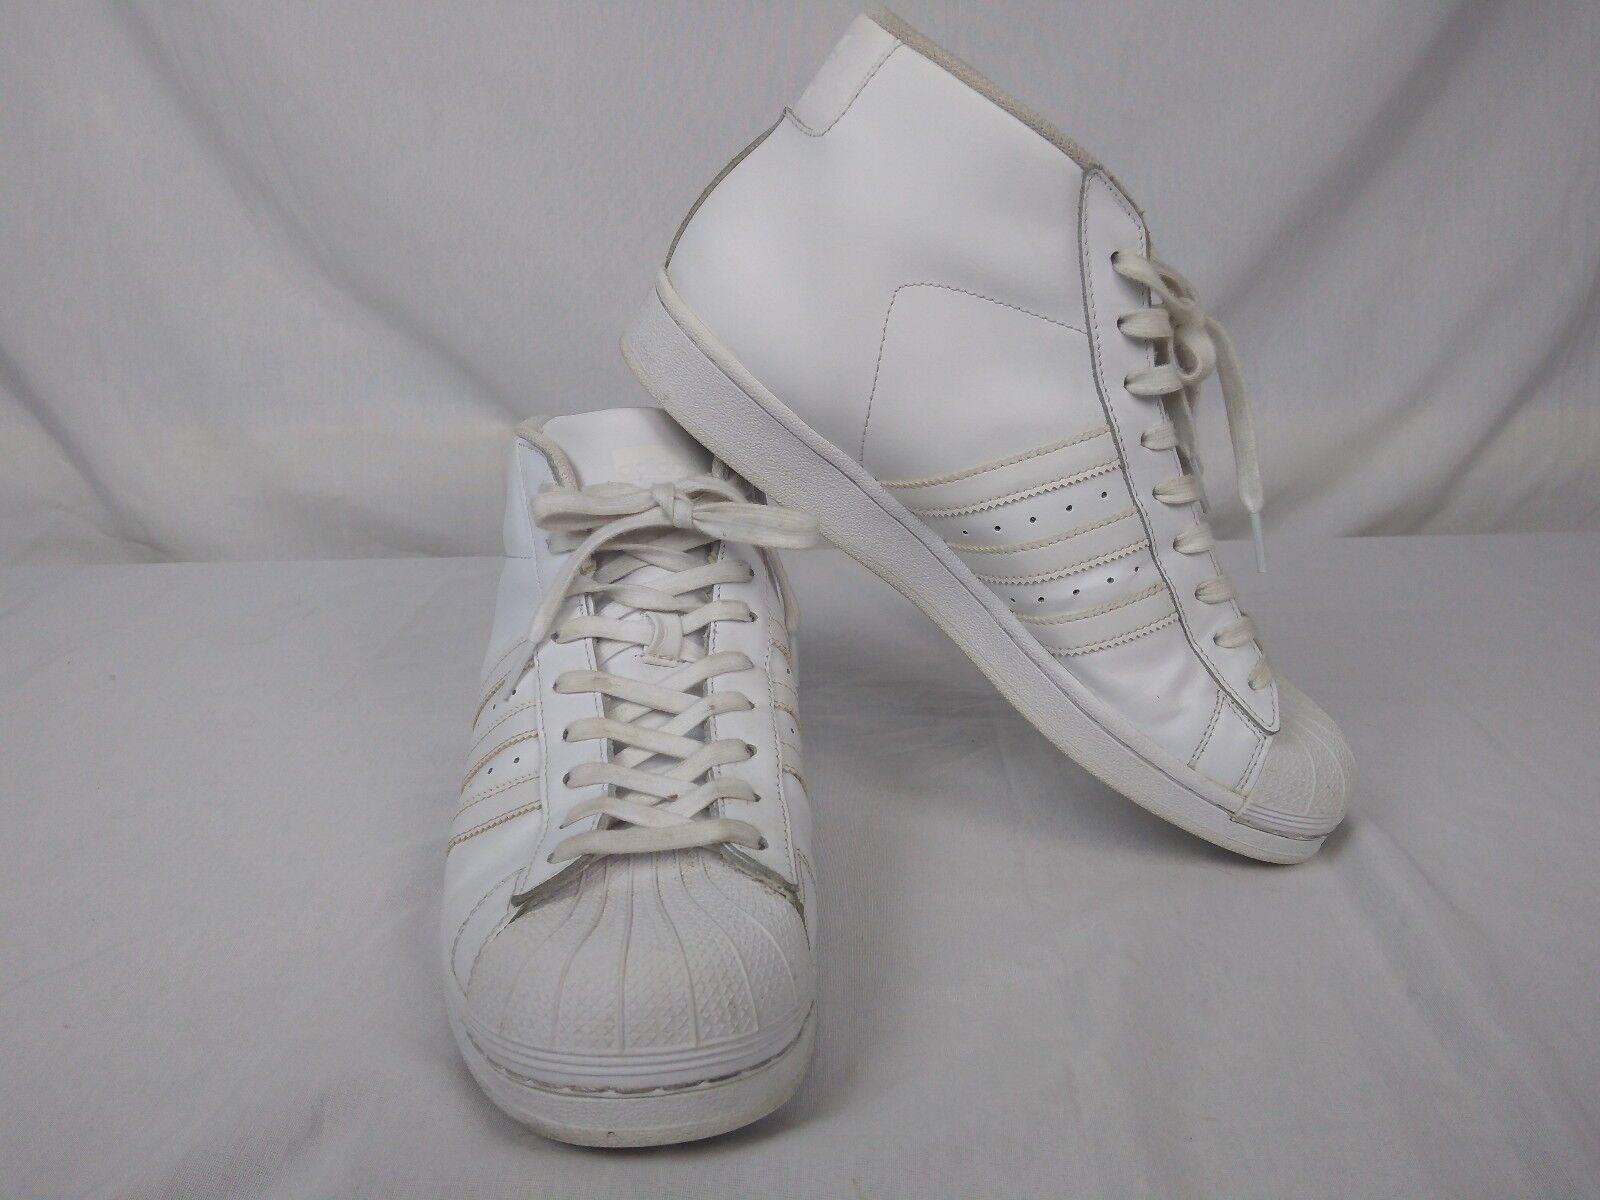 Adidas - modell alle weißen männer ist hoch oben größe 10,5 116299057